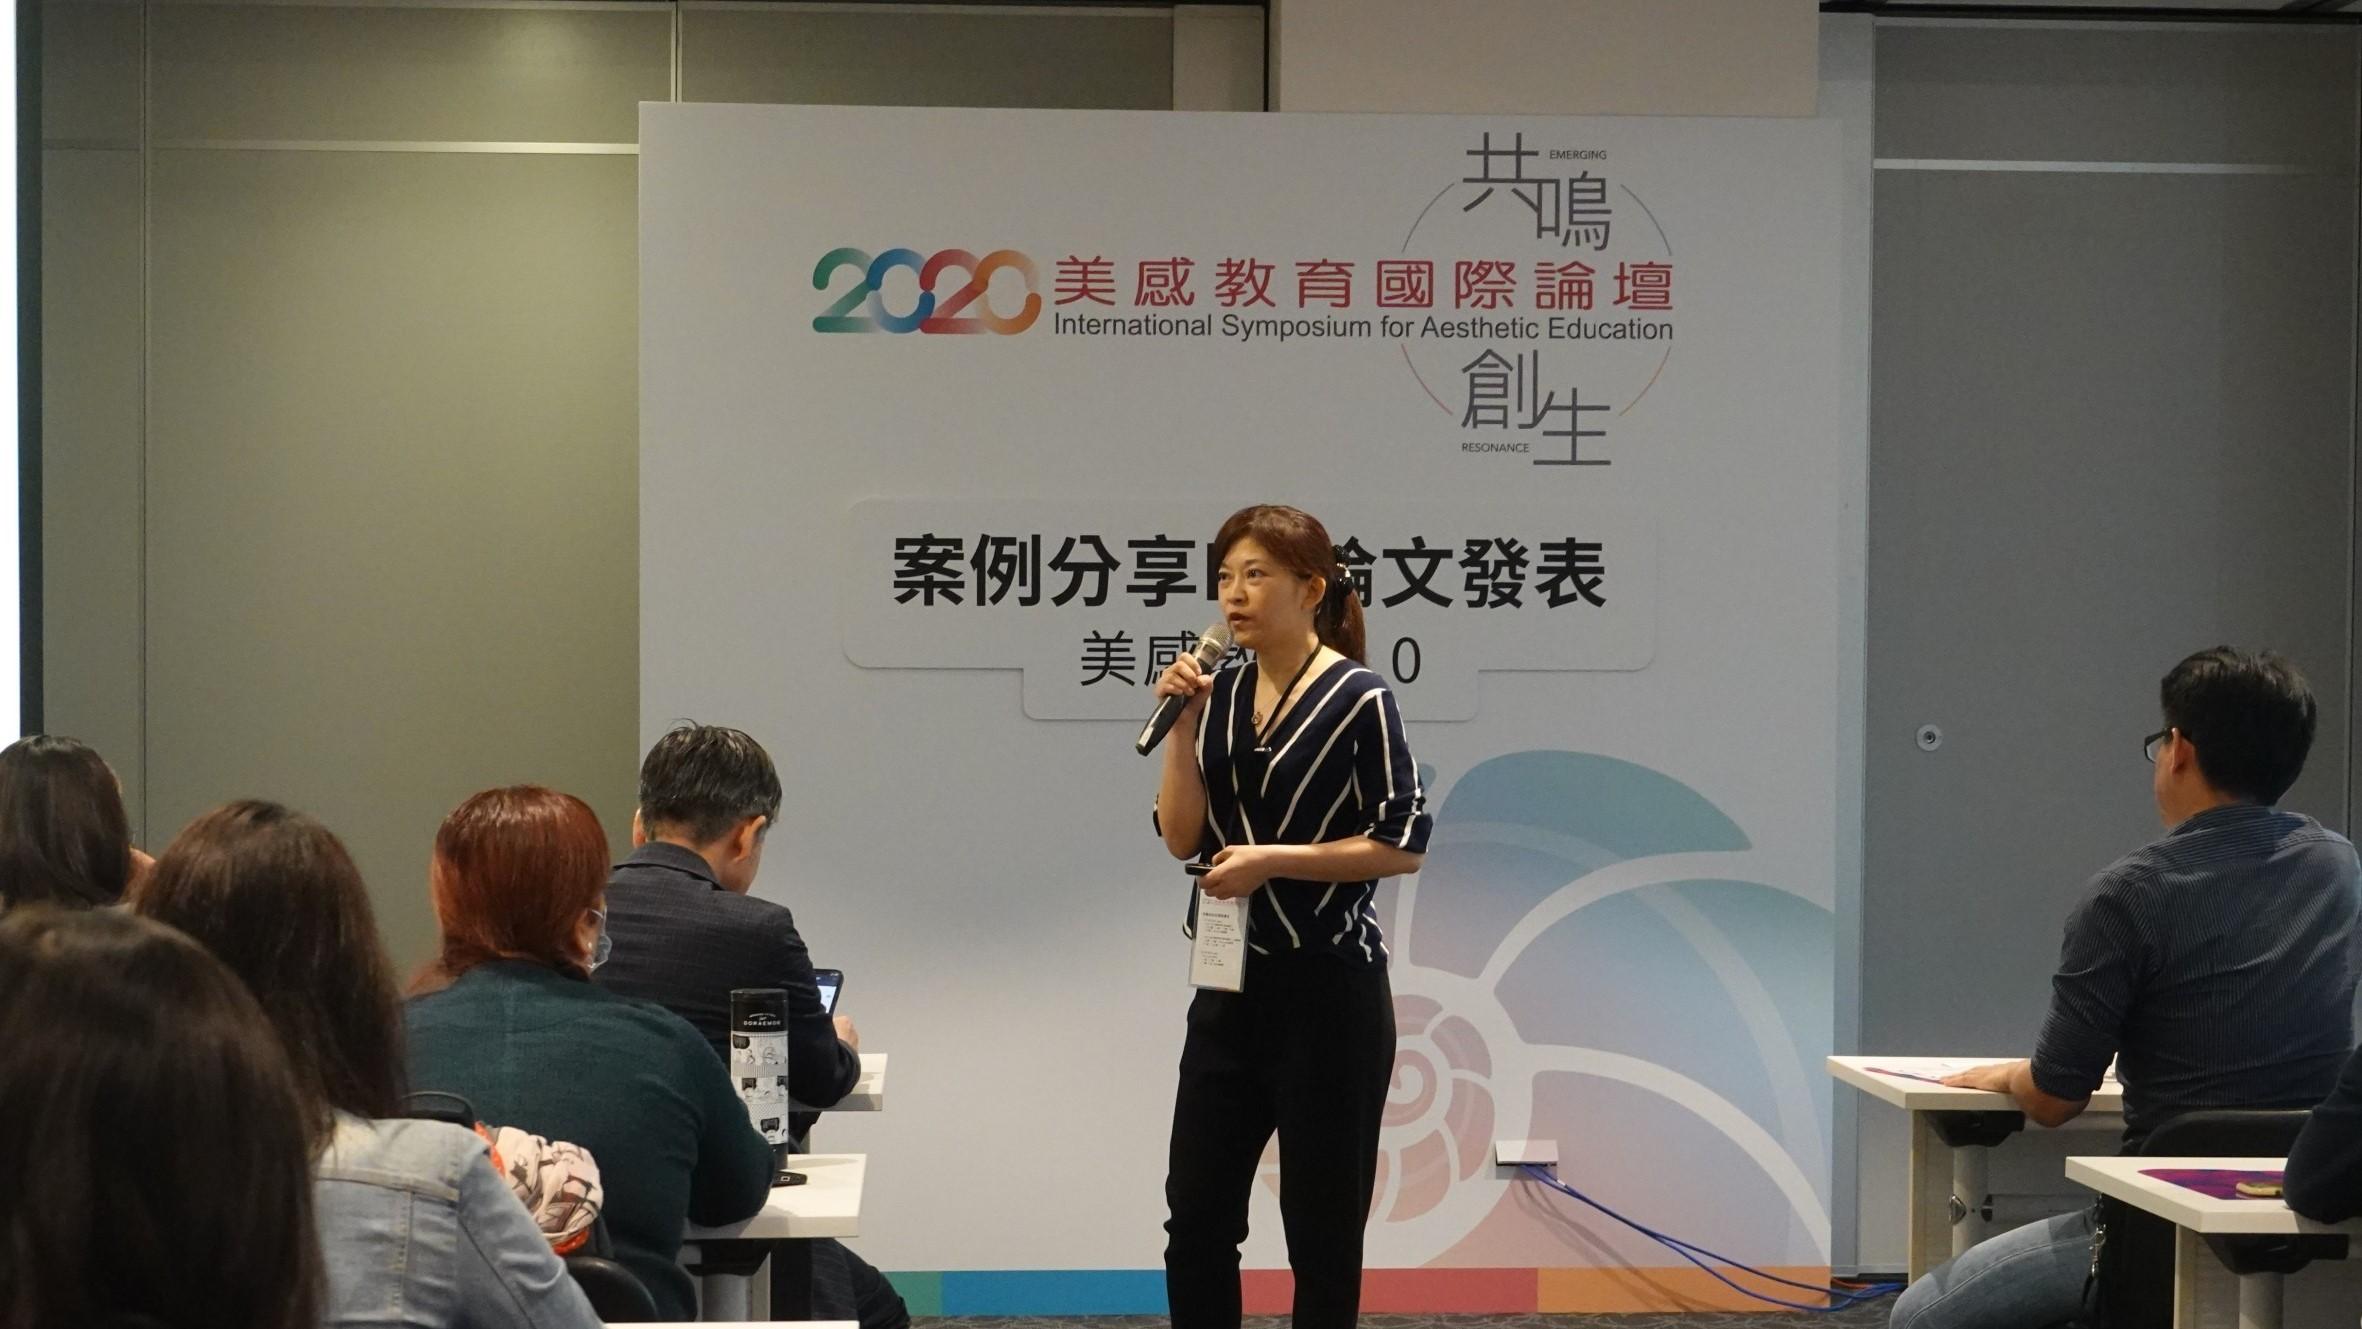 2020美感教育國際論壇 201116 17